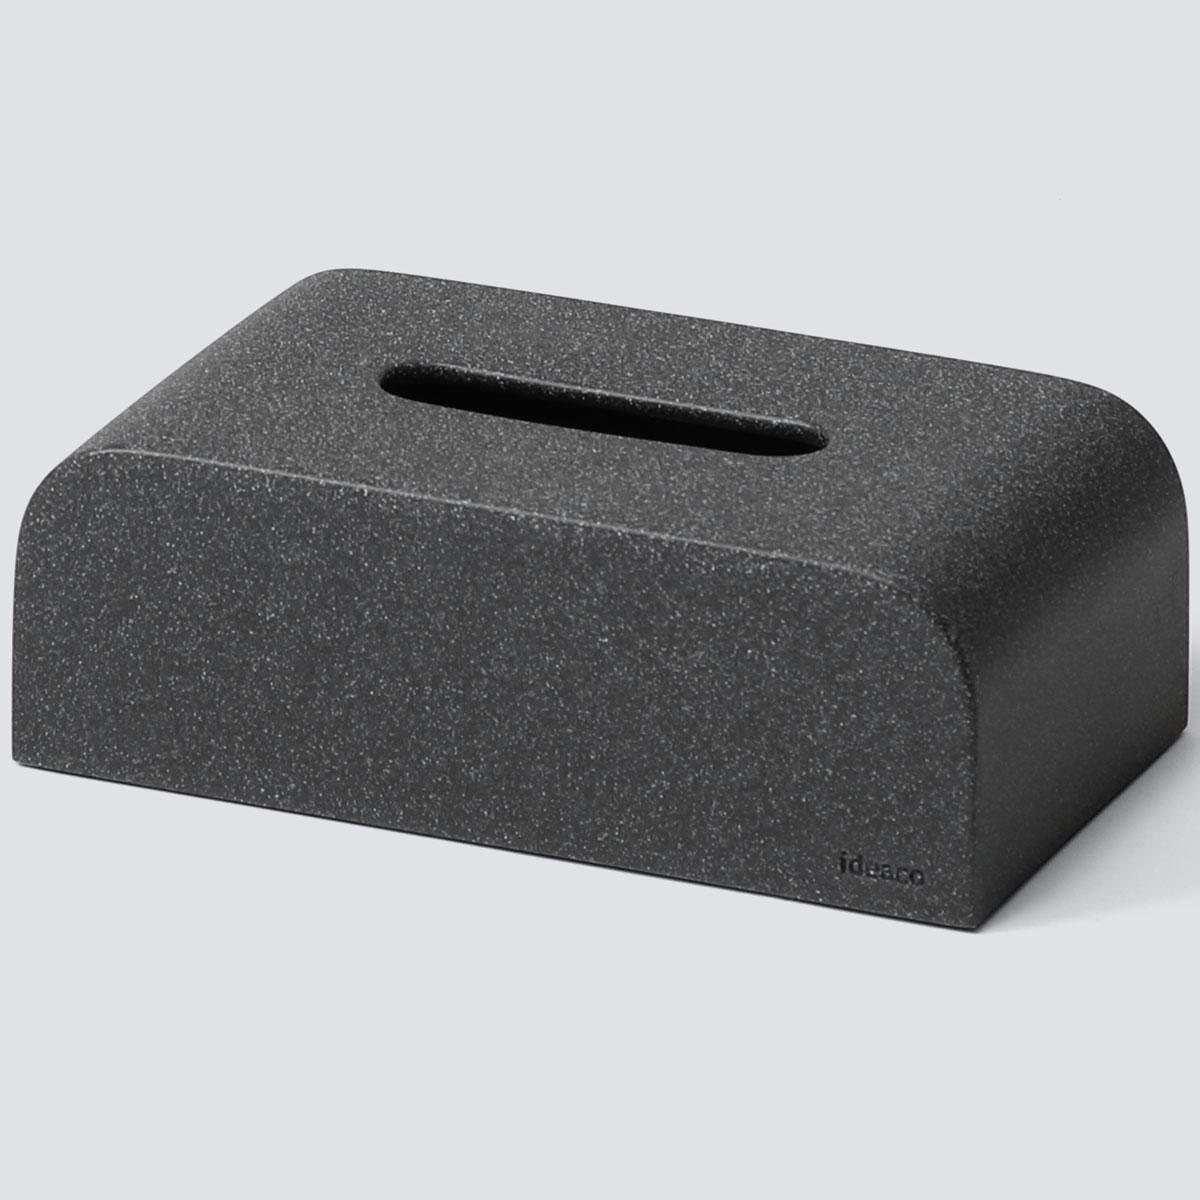 ティッシュケース ideaco ティッシュケース SP ソフトパックティッシュ・袋ティッシュ専用 ティッシュカバー 袋入りティッシュ用 イデアコ Tissue Case エスピー ストーンサンドブラック